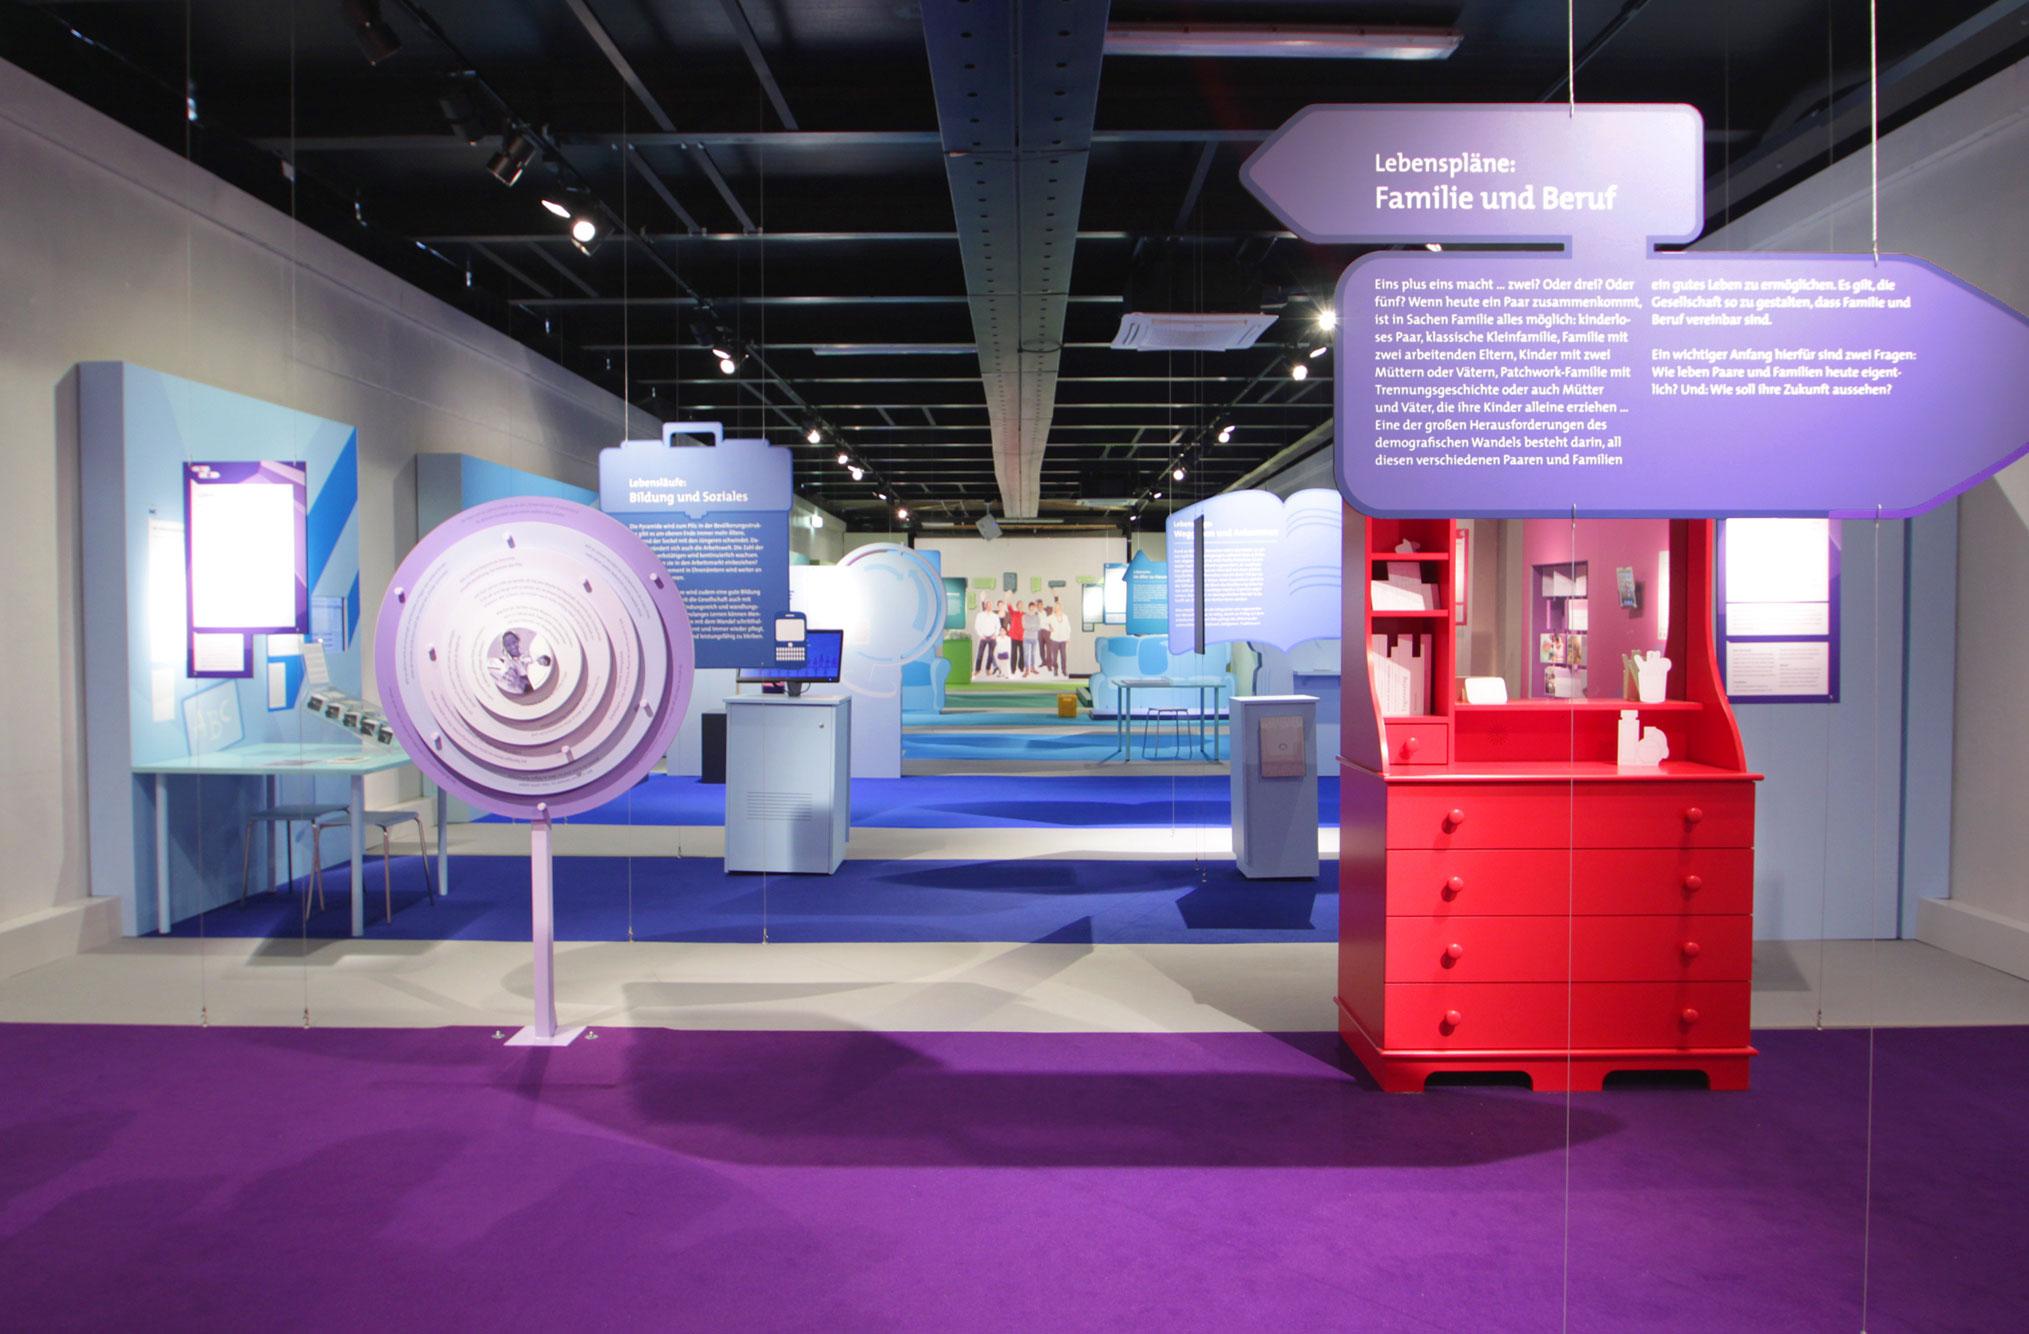 von GROTE Ausstellungsgestaltung und Design / MS Wissenschaft 2013 – Alle Generationen in einem Boot